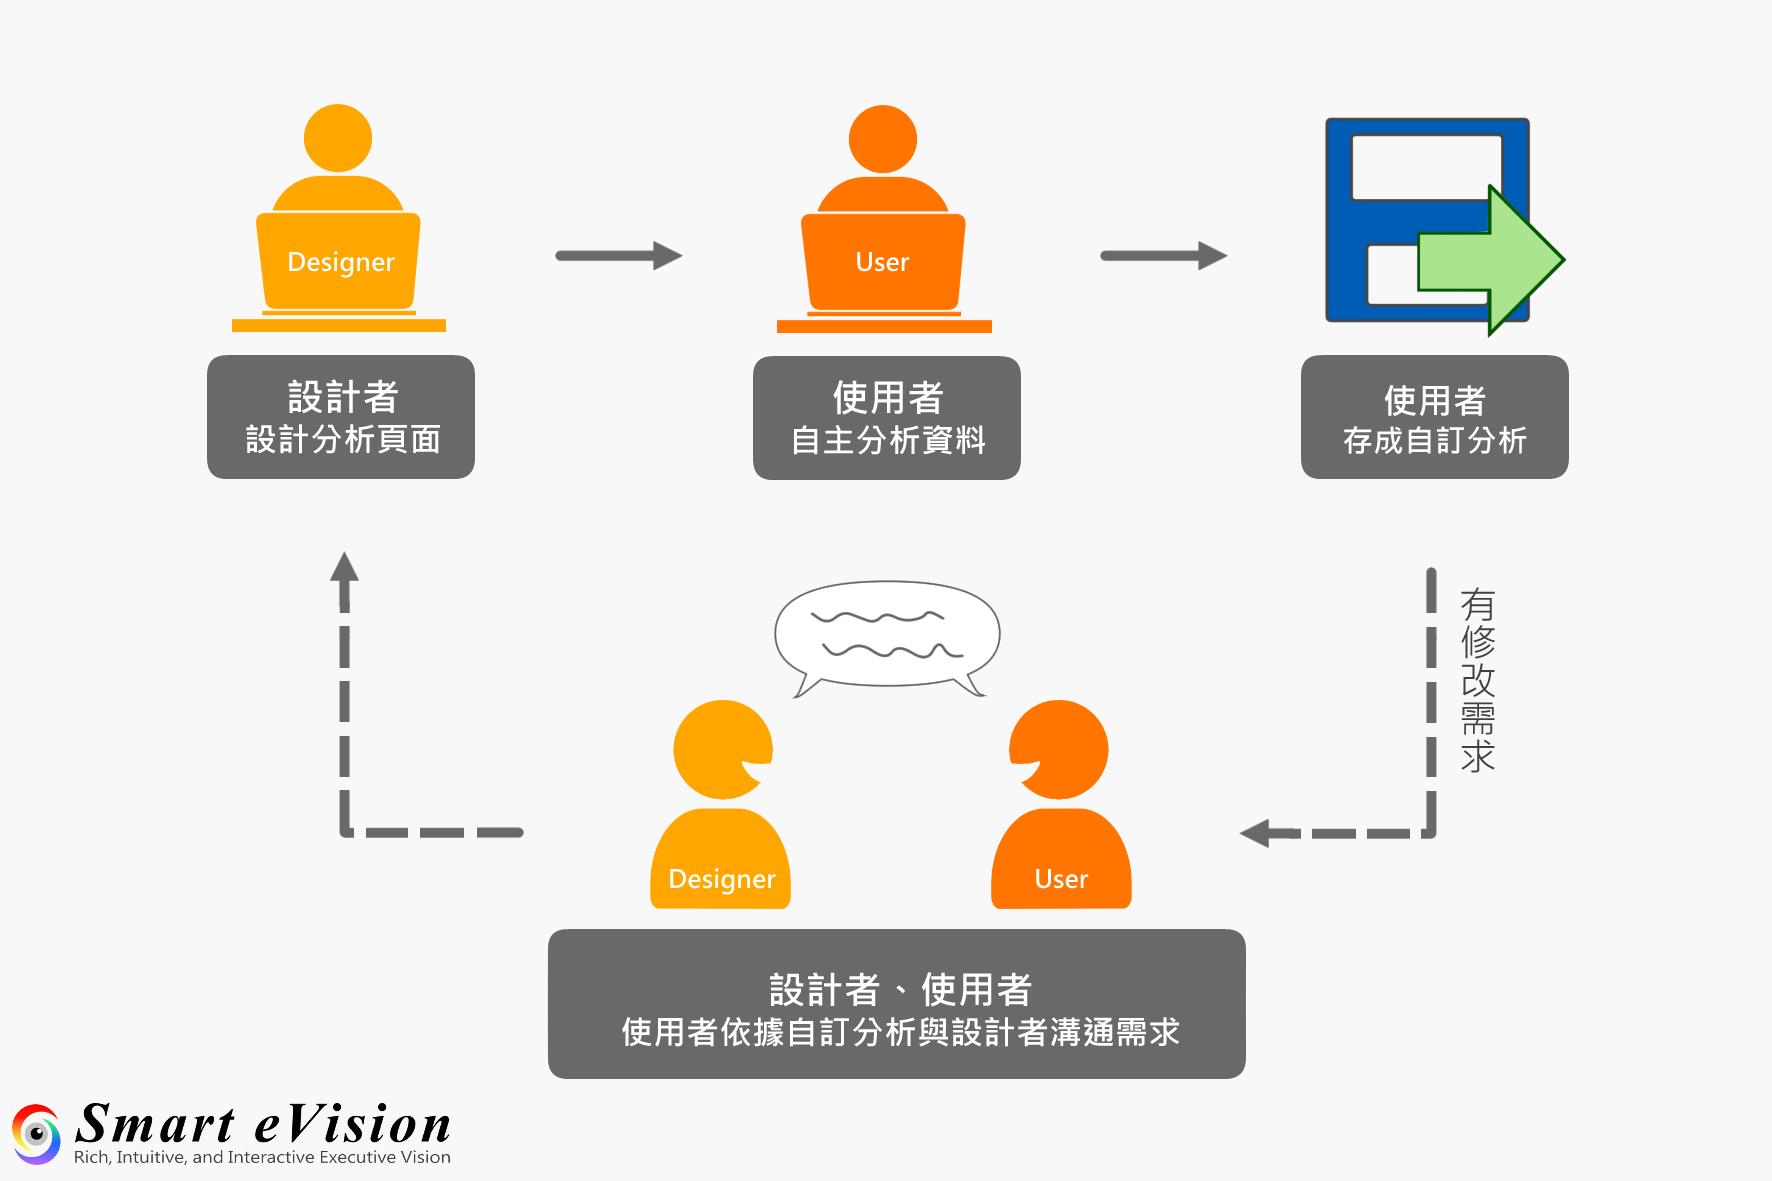 分析頁面的設計與使用流程